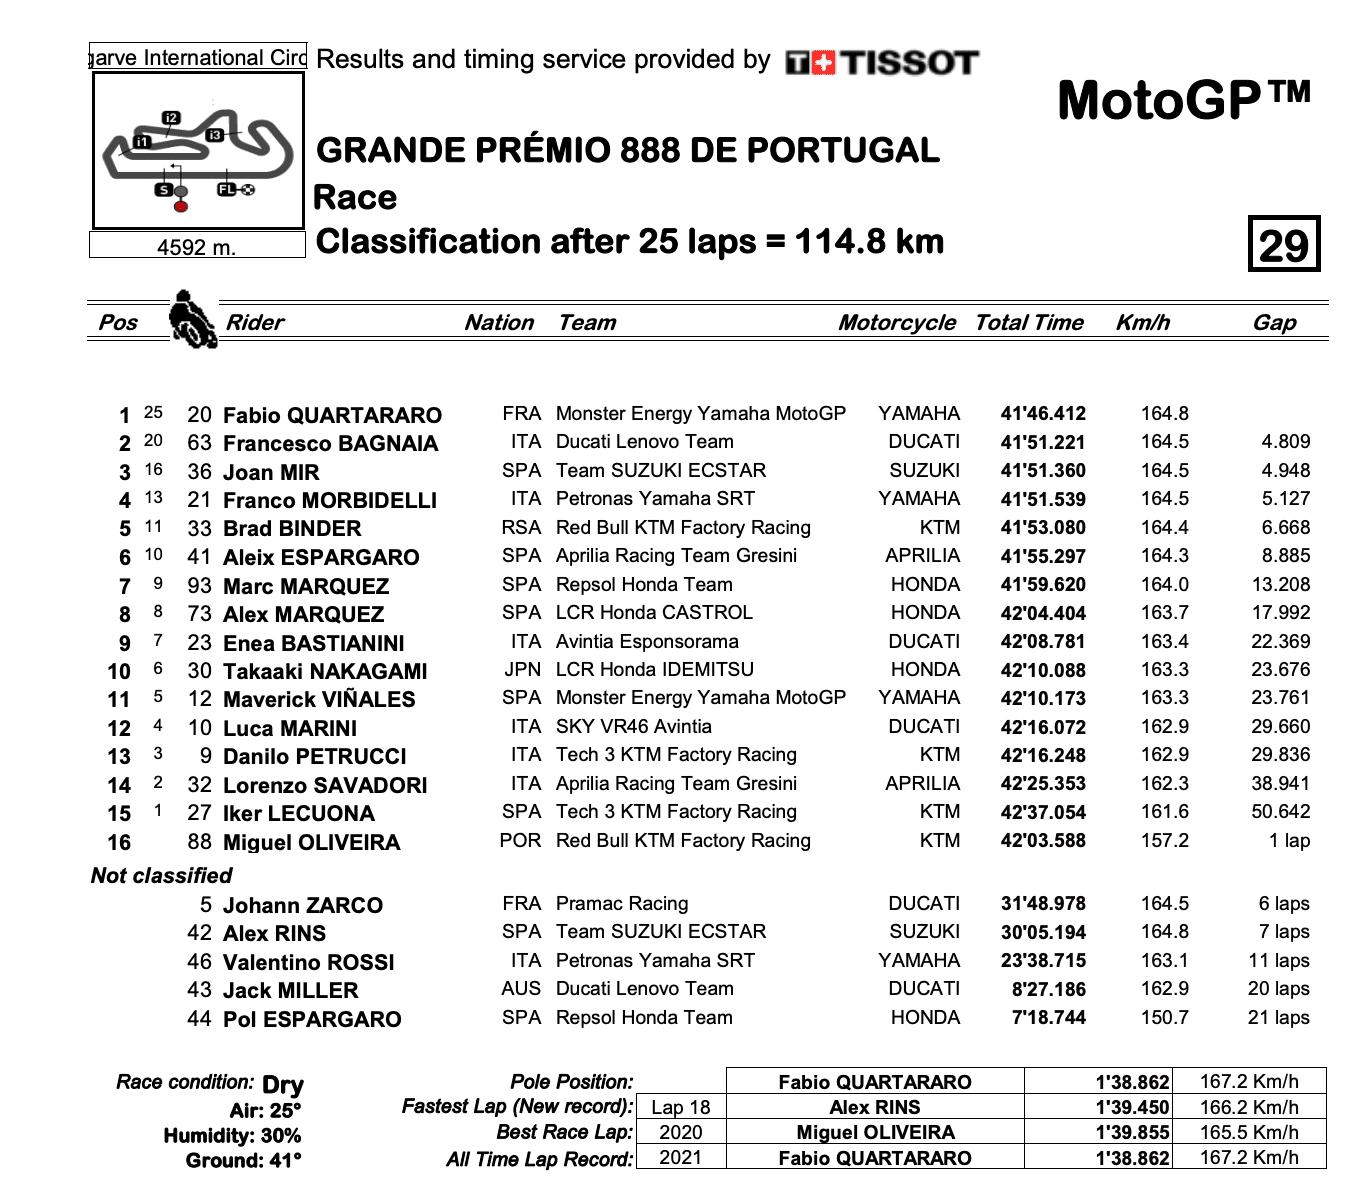 MotoGP2021 ポルトガルGP 優勝したのはファビオ・クアルタラロ